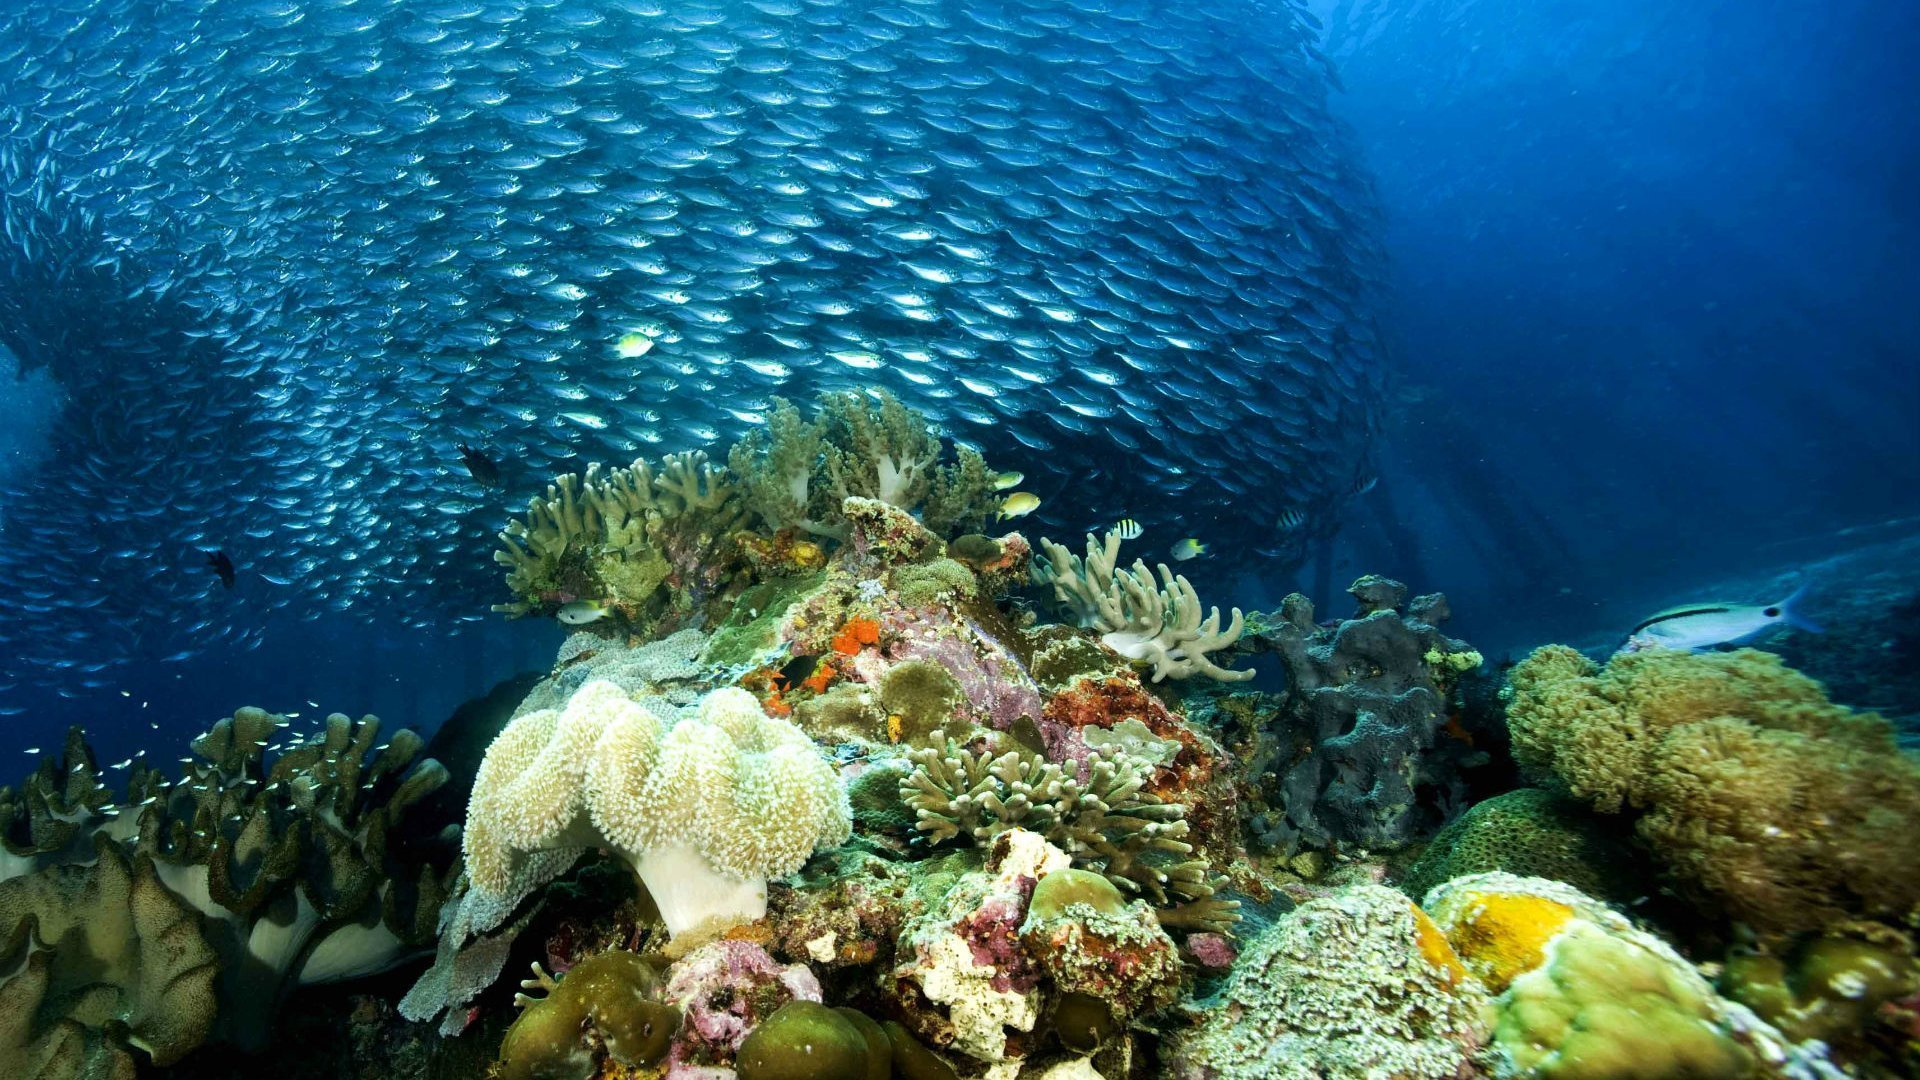 в море в океане фото